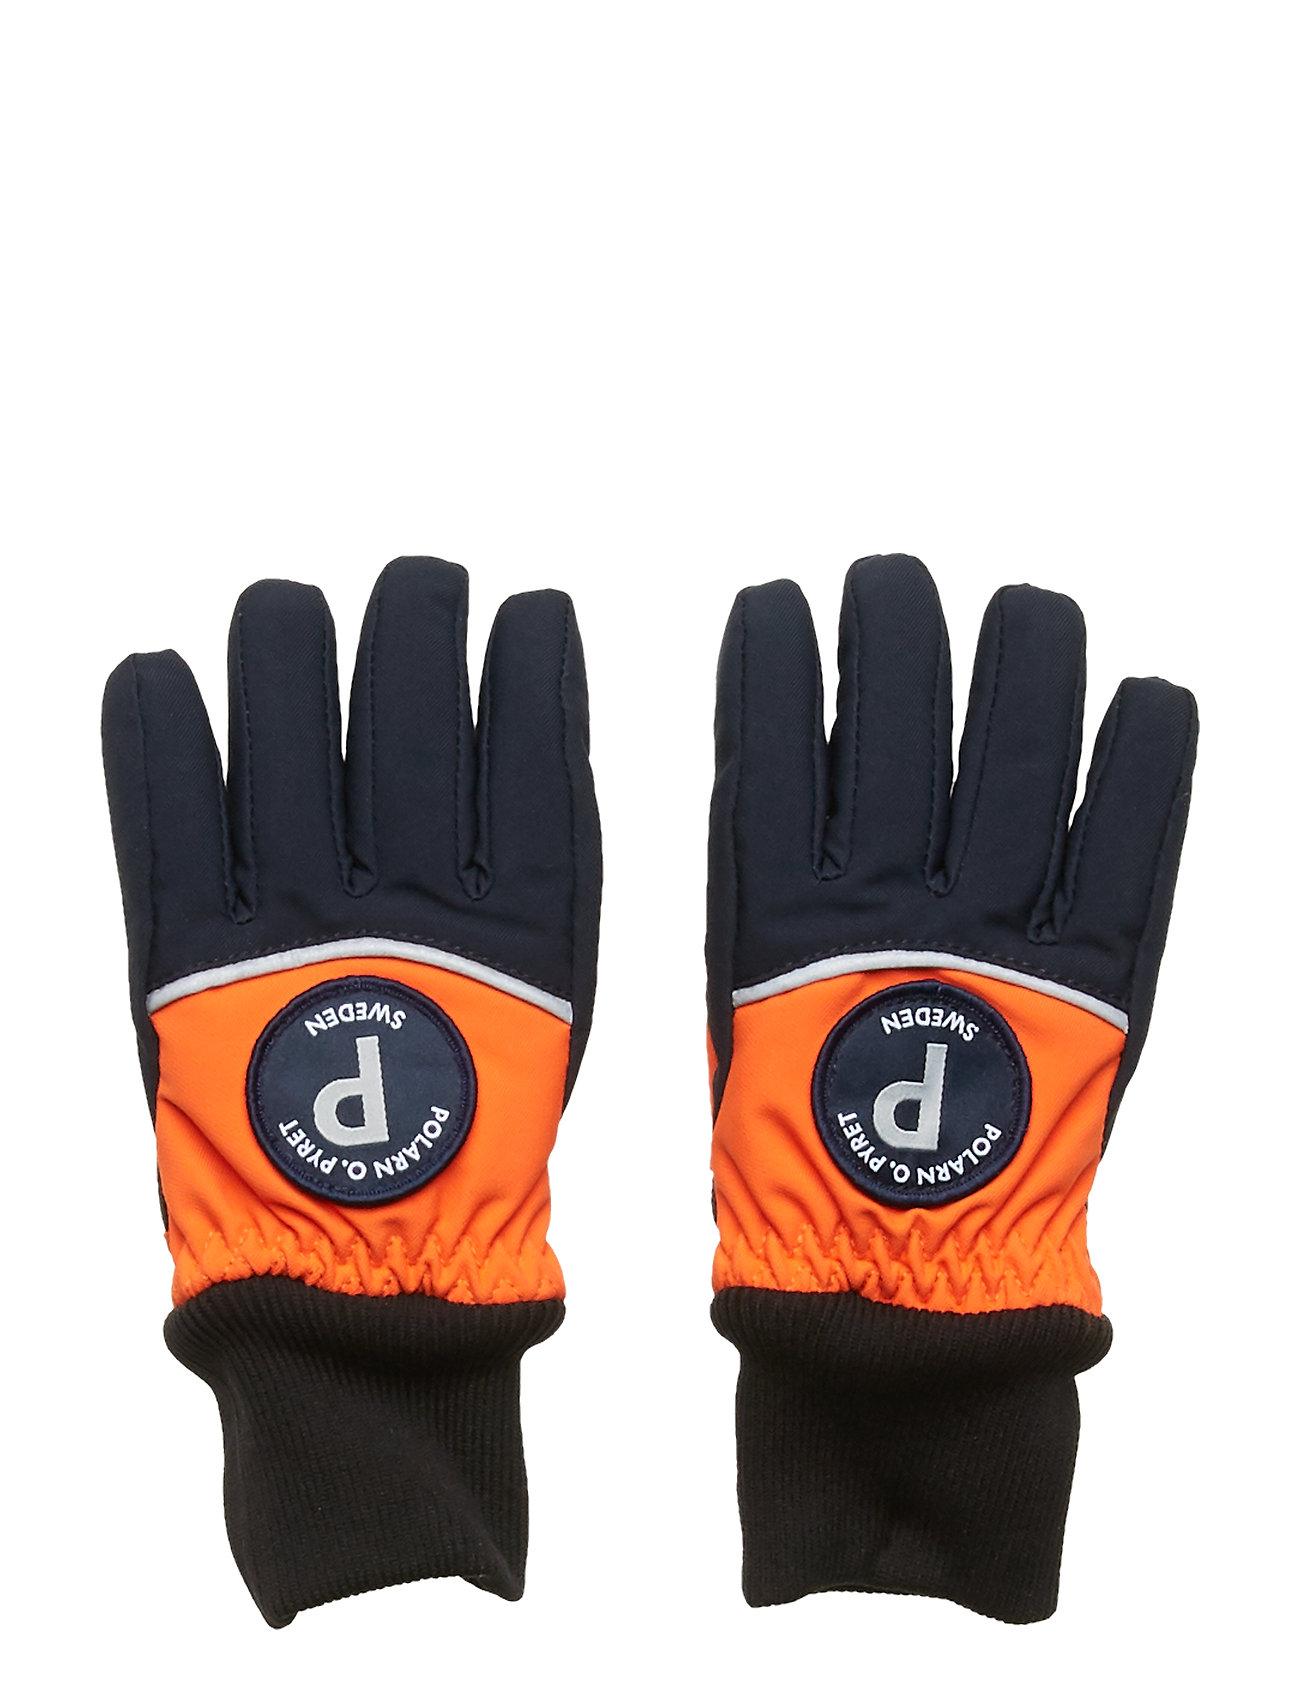 Polarn O. Pyret Glove 2 colour PreSchool - FLAME